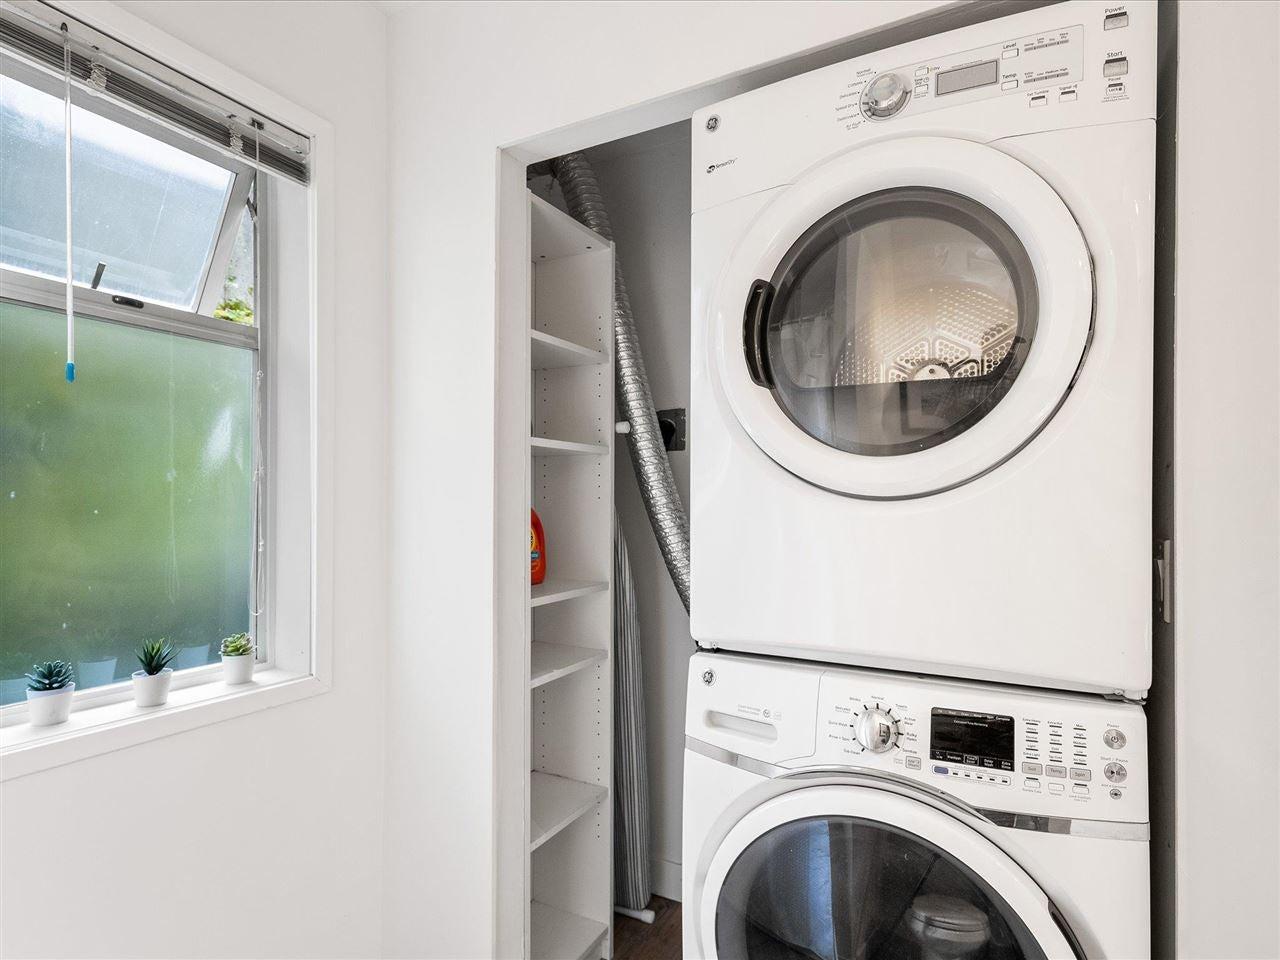 72 2222 BRANDYWINE WAY - Bayshores 1/2 Duplex for sale, 3 Bedrooms (R2591139) - #15